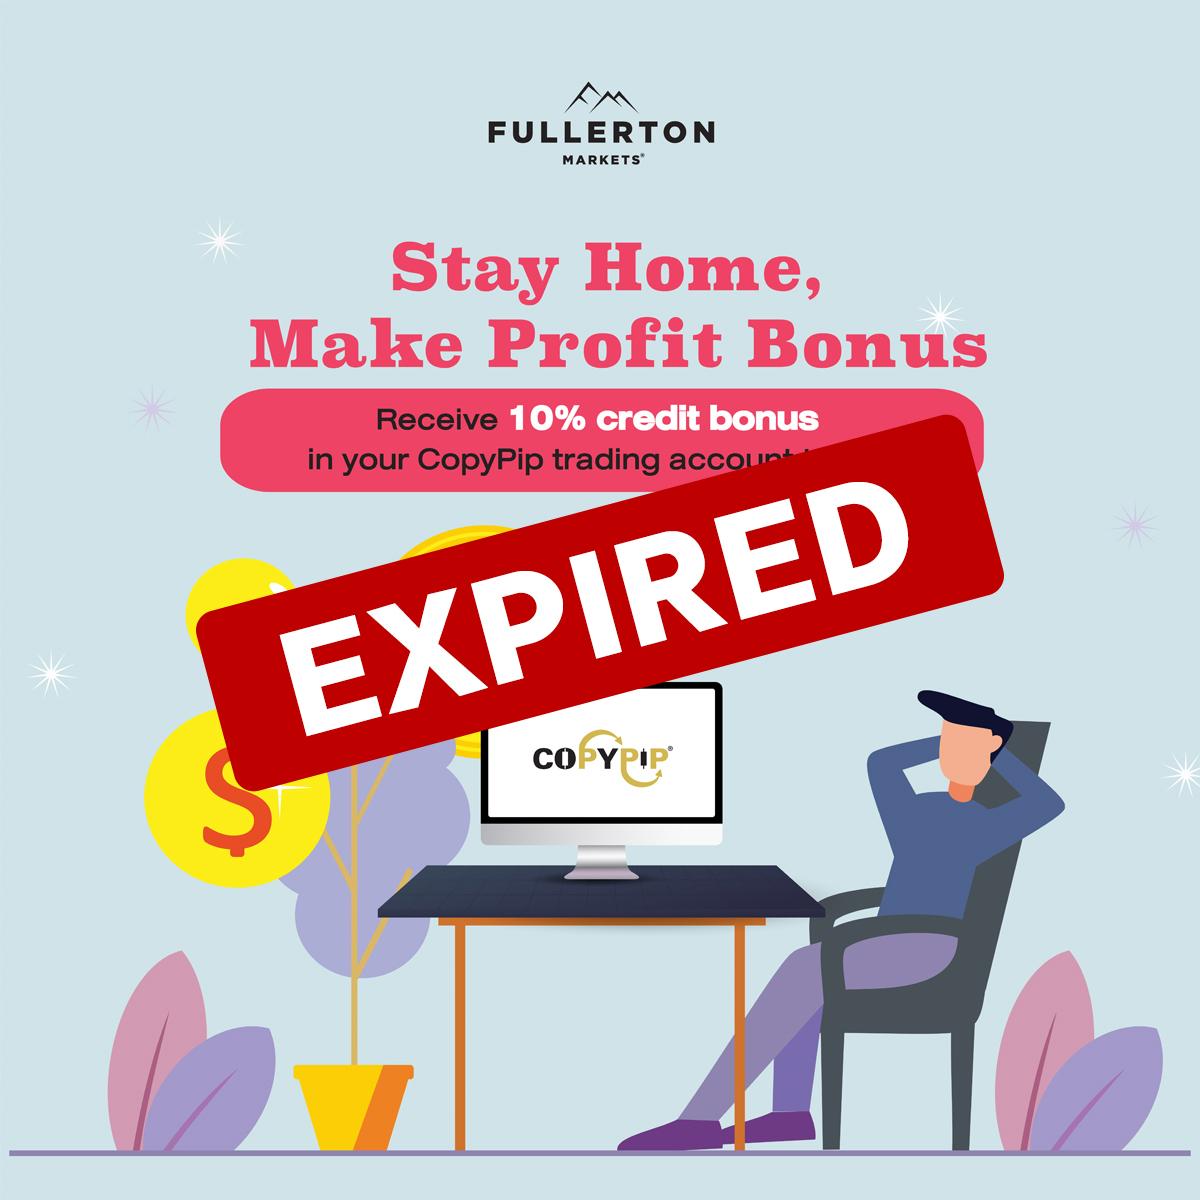 EXPIRED-EN_Stay Home Bonus_1200x1200